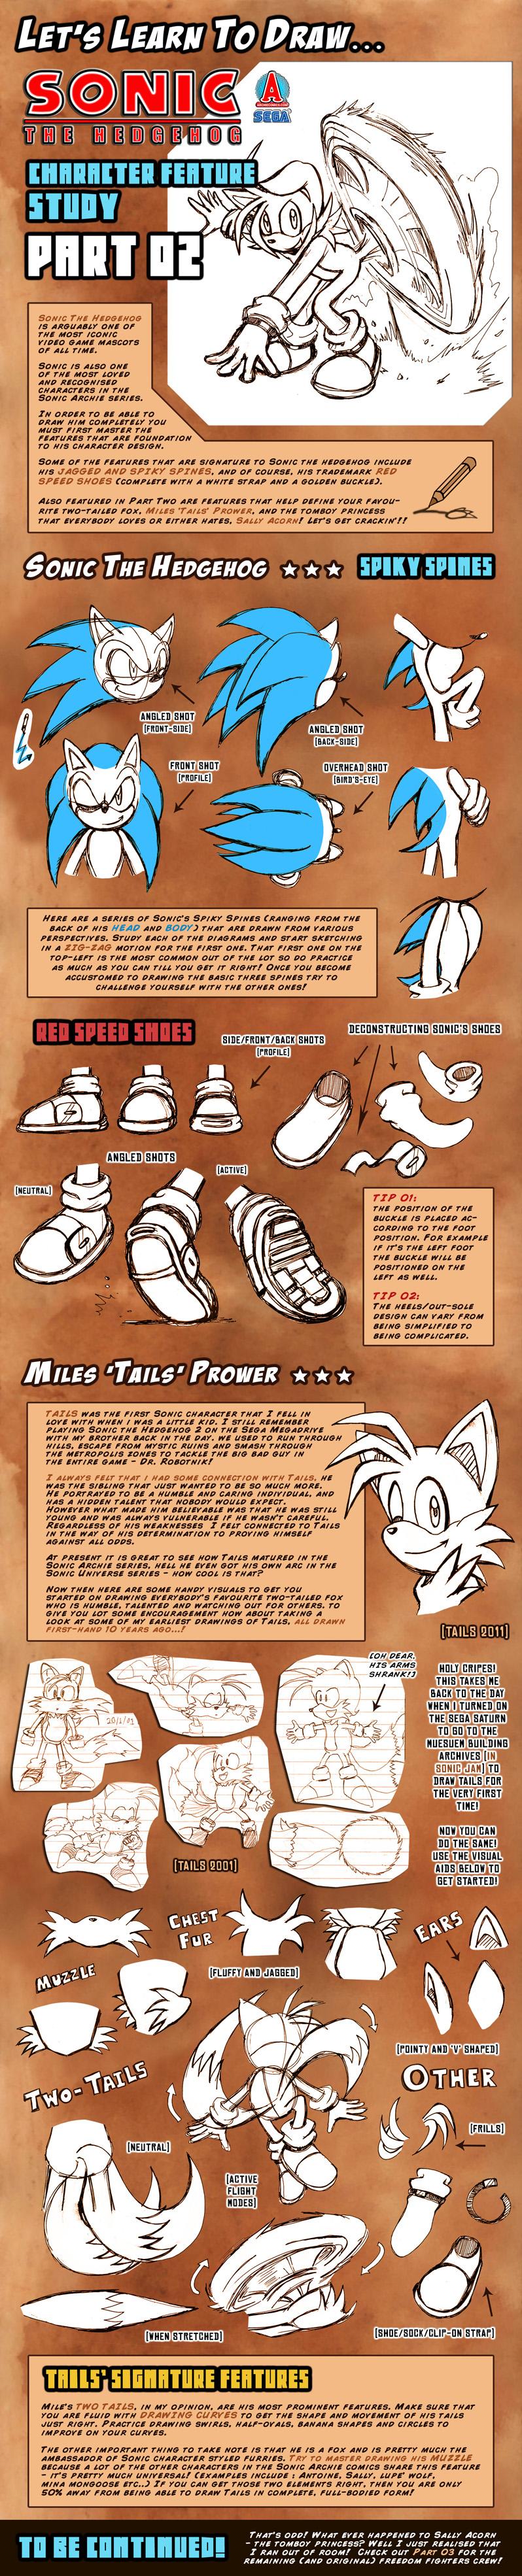 Let's Draw Sonic Archie .:02:. by darkspeeds